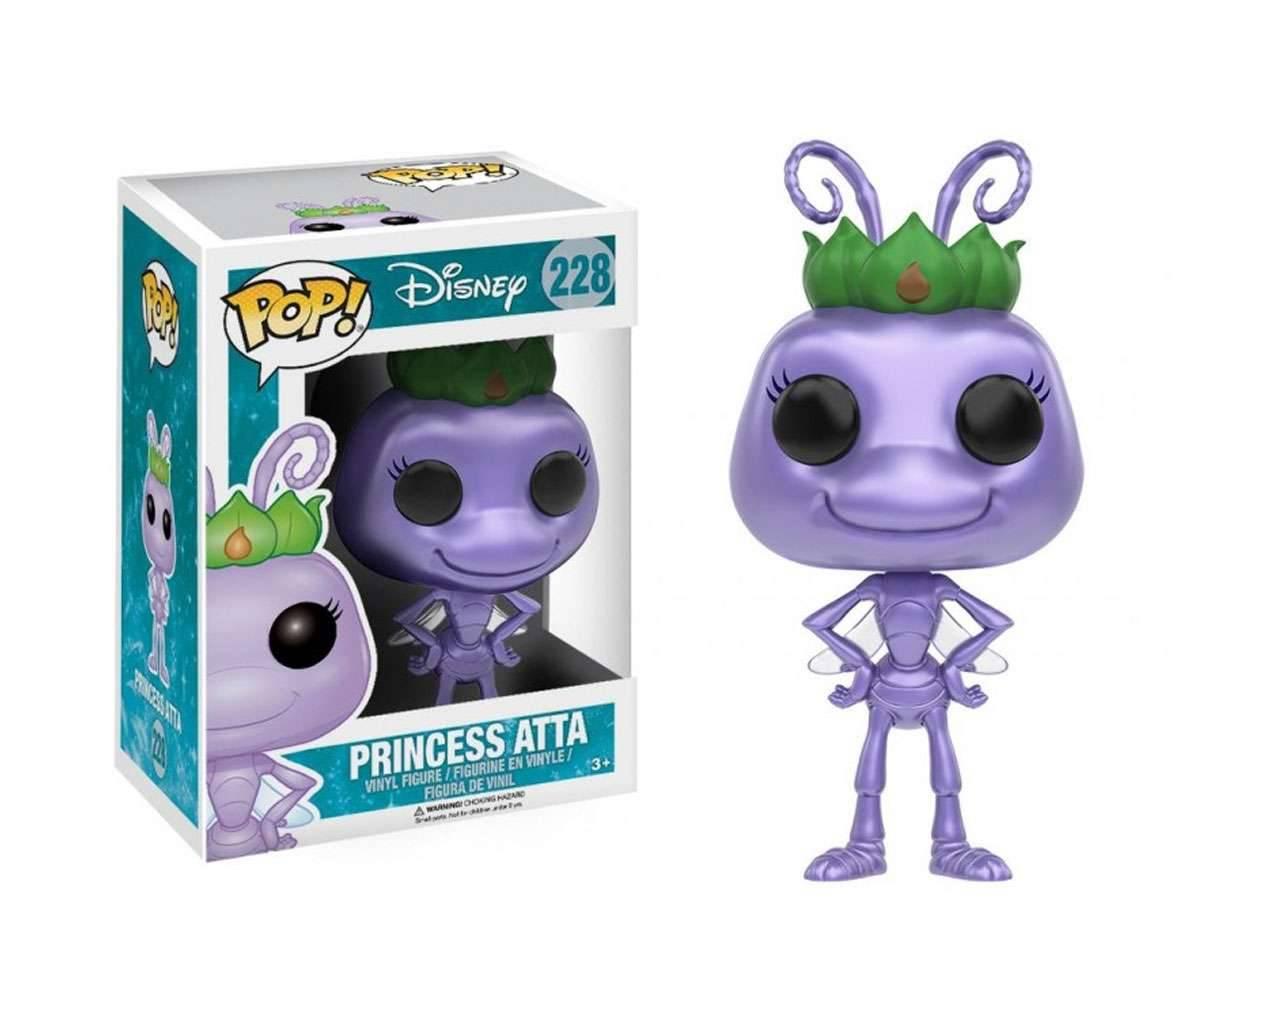 Princess Atta Pop! Vinyl